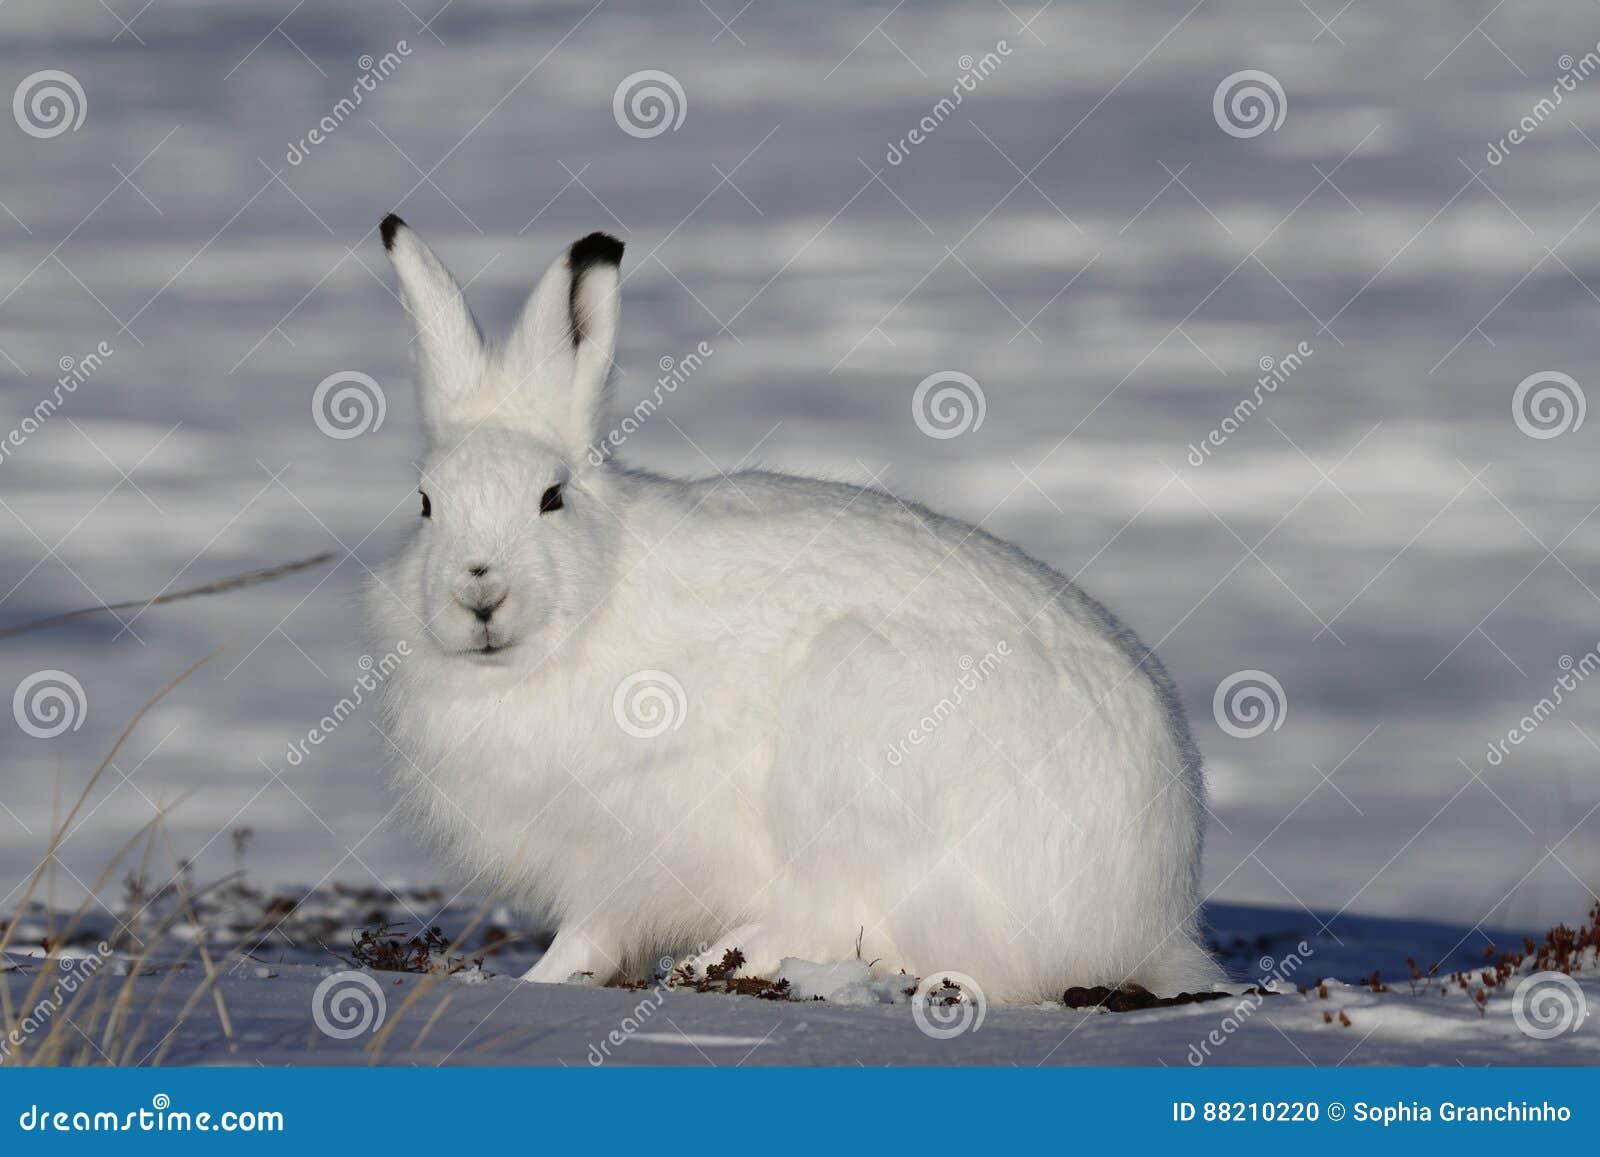 Arktische Hasen, die in Richtung zur Kamera auf einer schneebedeckten Tundra anstarren